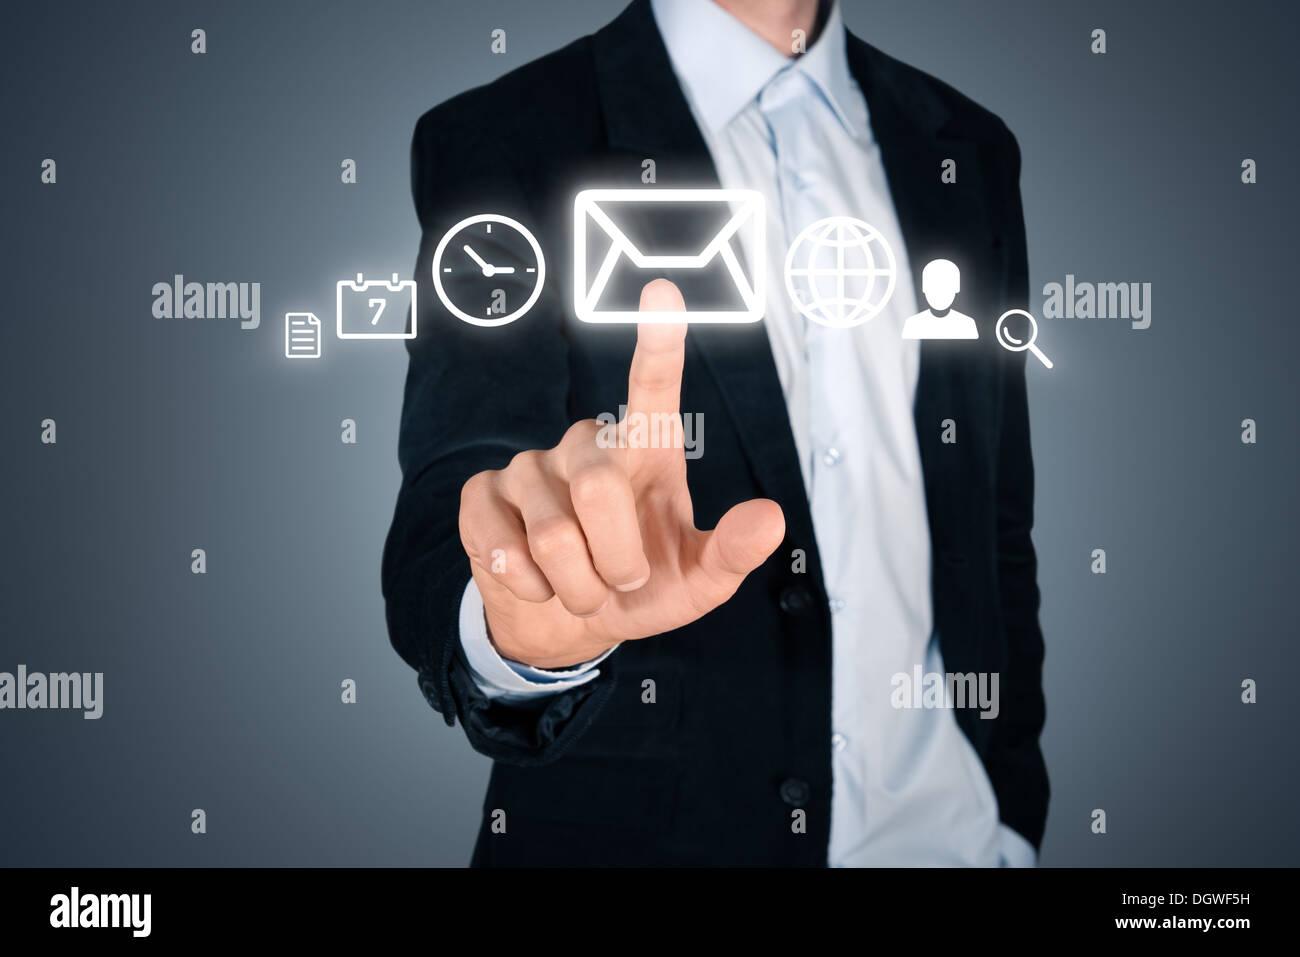 Retrato de joven apuesto empresario toque futurista interfaz de menú digital con varios iconos. Aislados en fondo Imagen De Stock